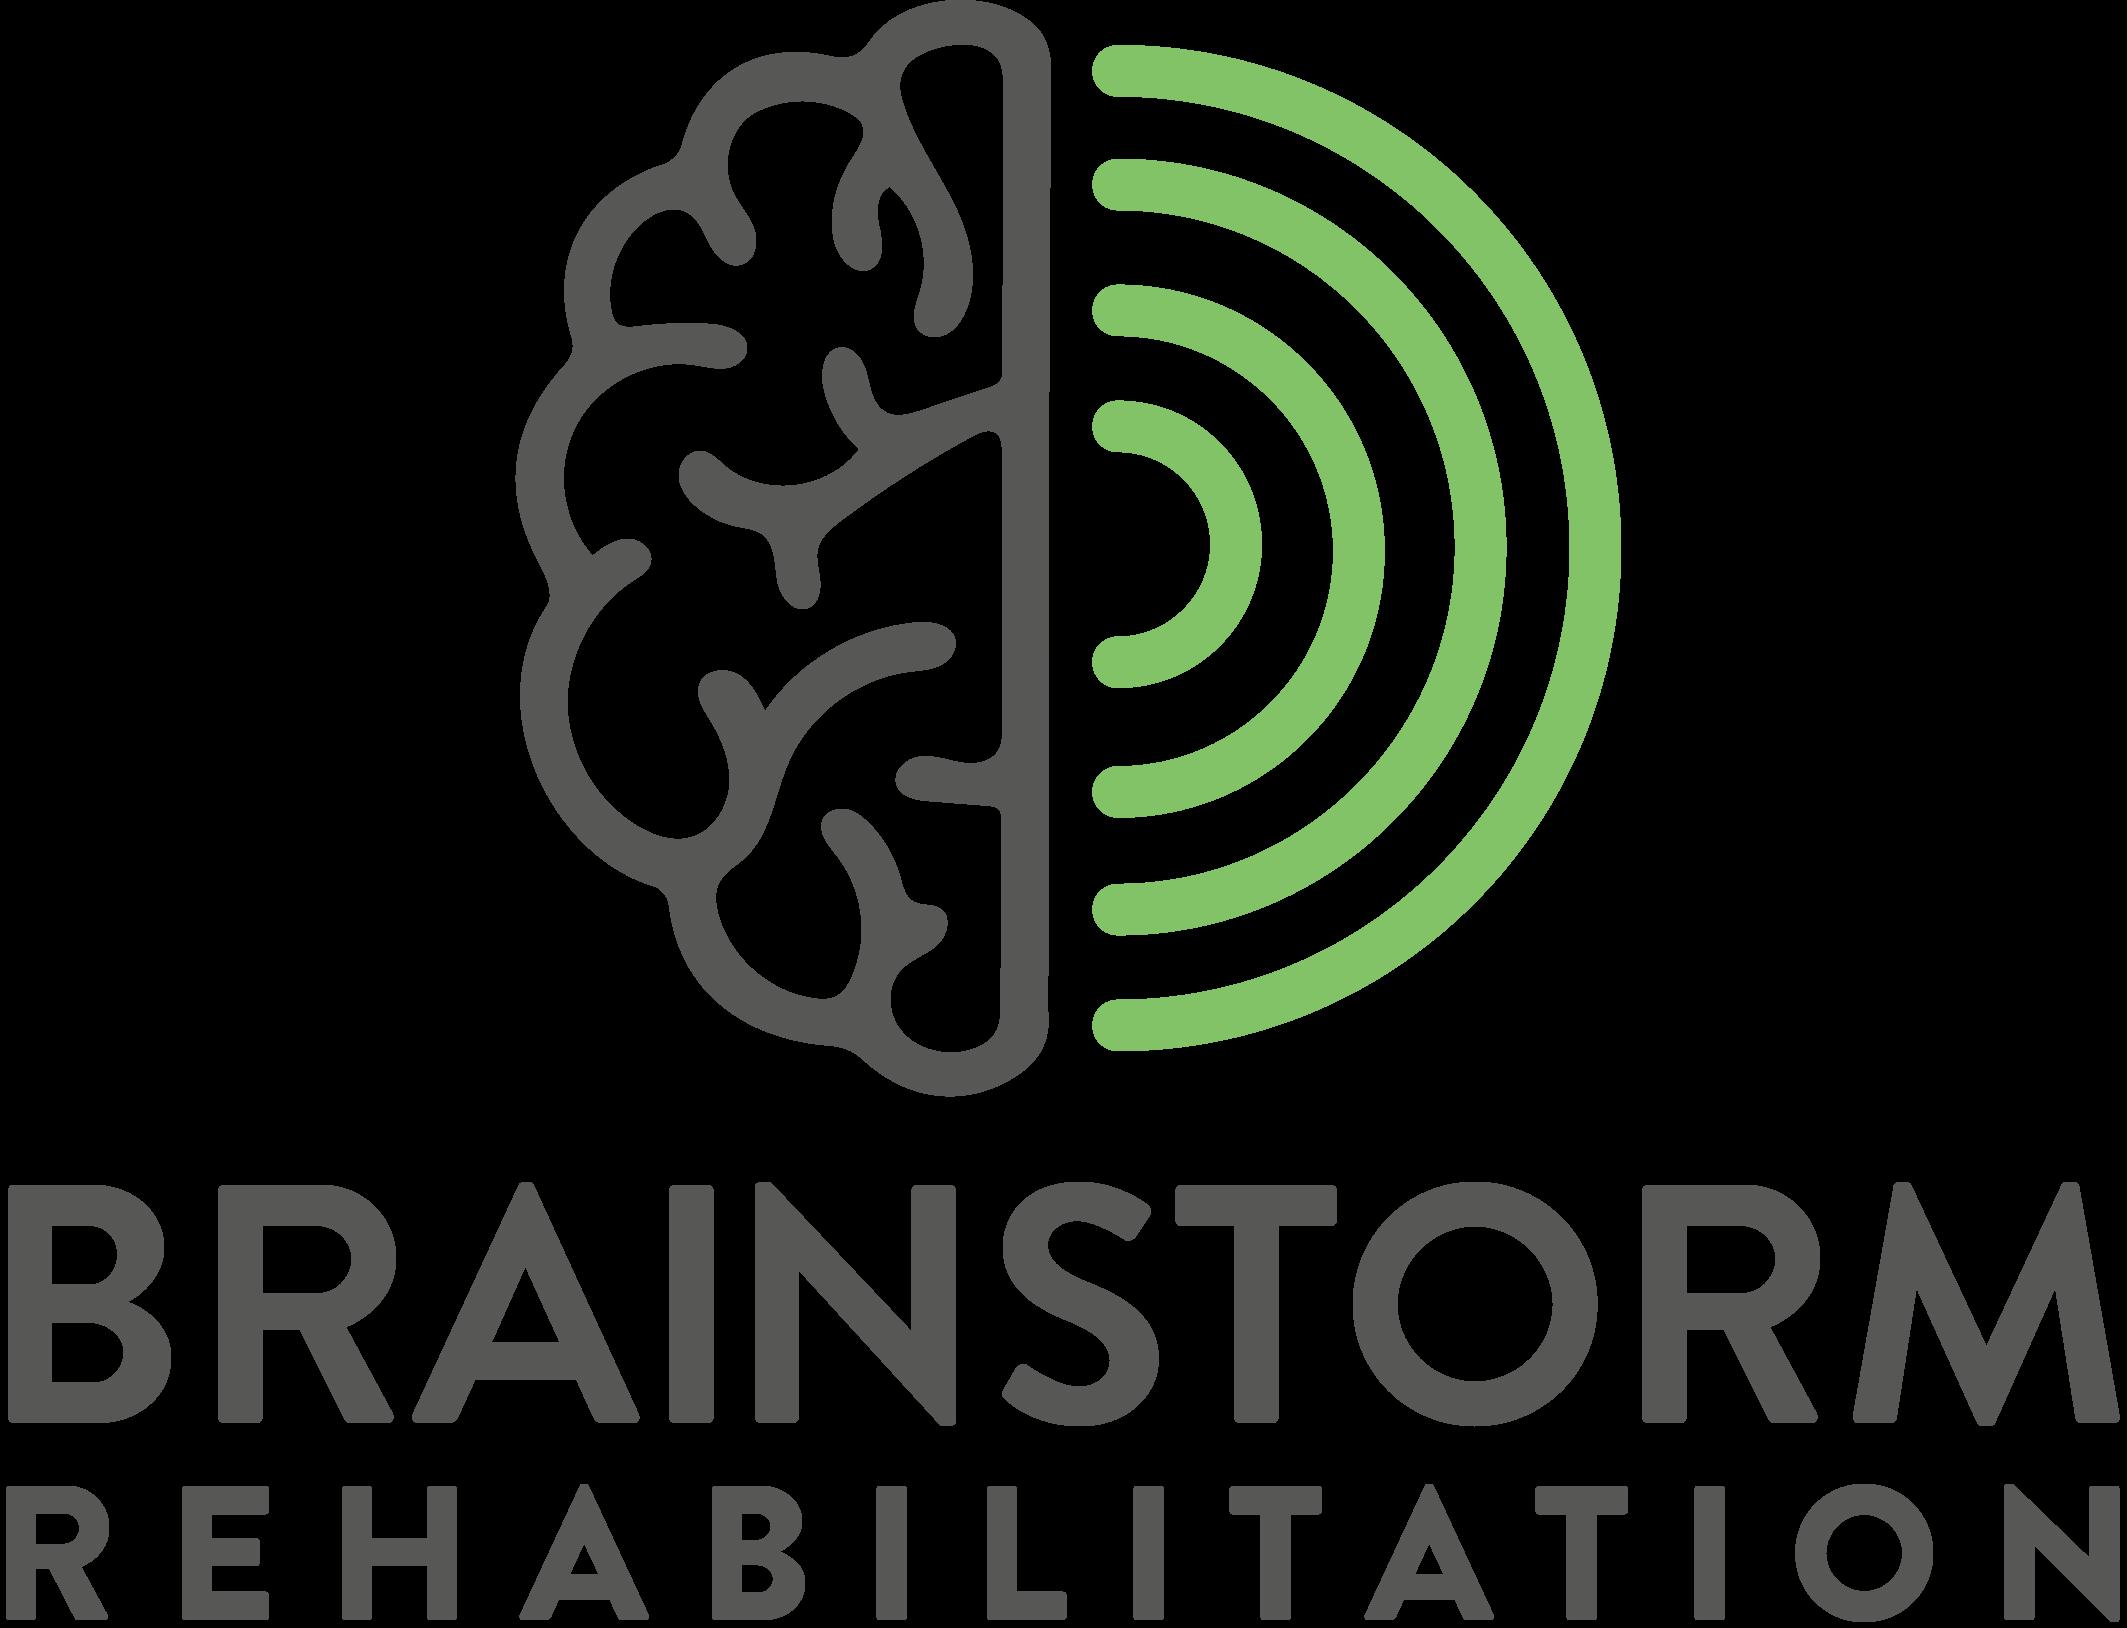 brainstorm rehab logo